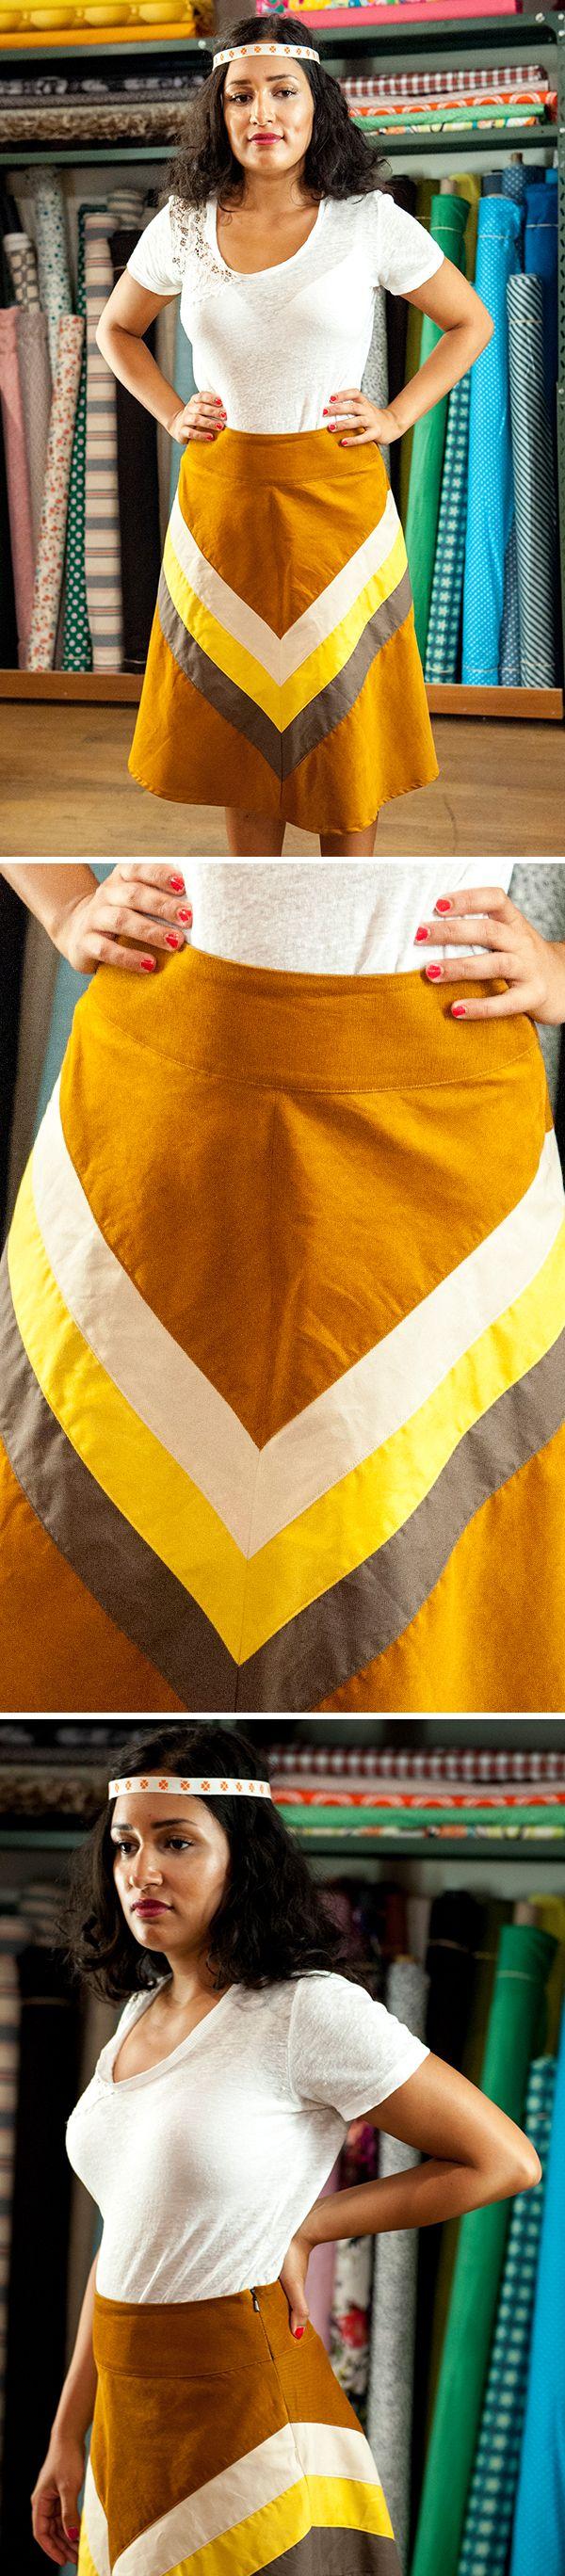 Veckans plagg blev denna kjol som är skapad av Lisa! Ge gärna beröm till Lisa i form av en kommentar! #HelaSverigesyr #sy #kjol